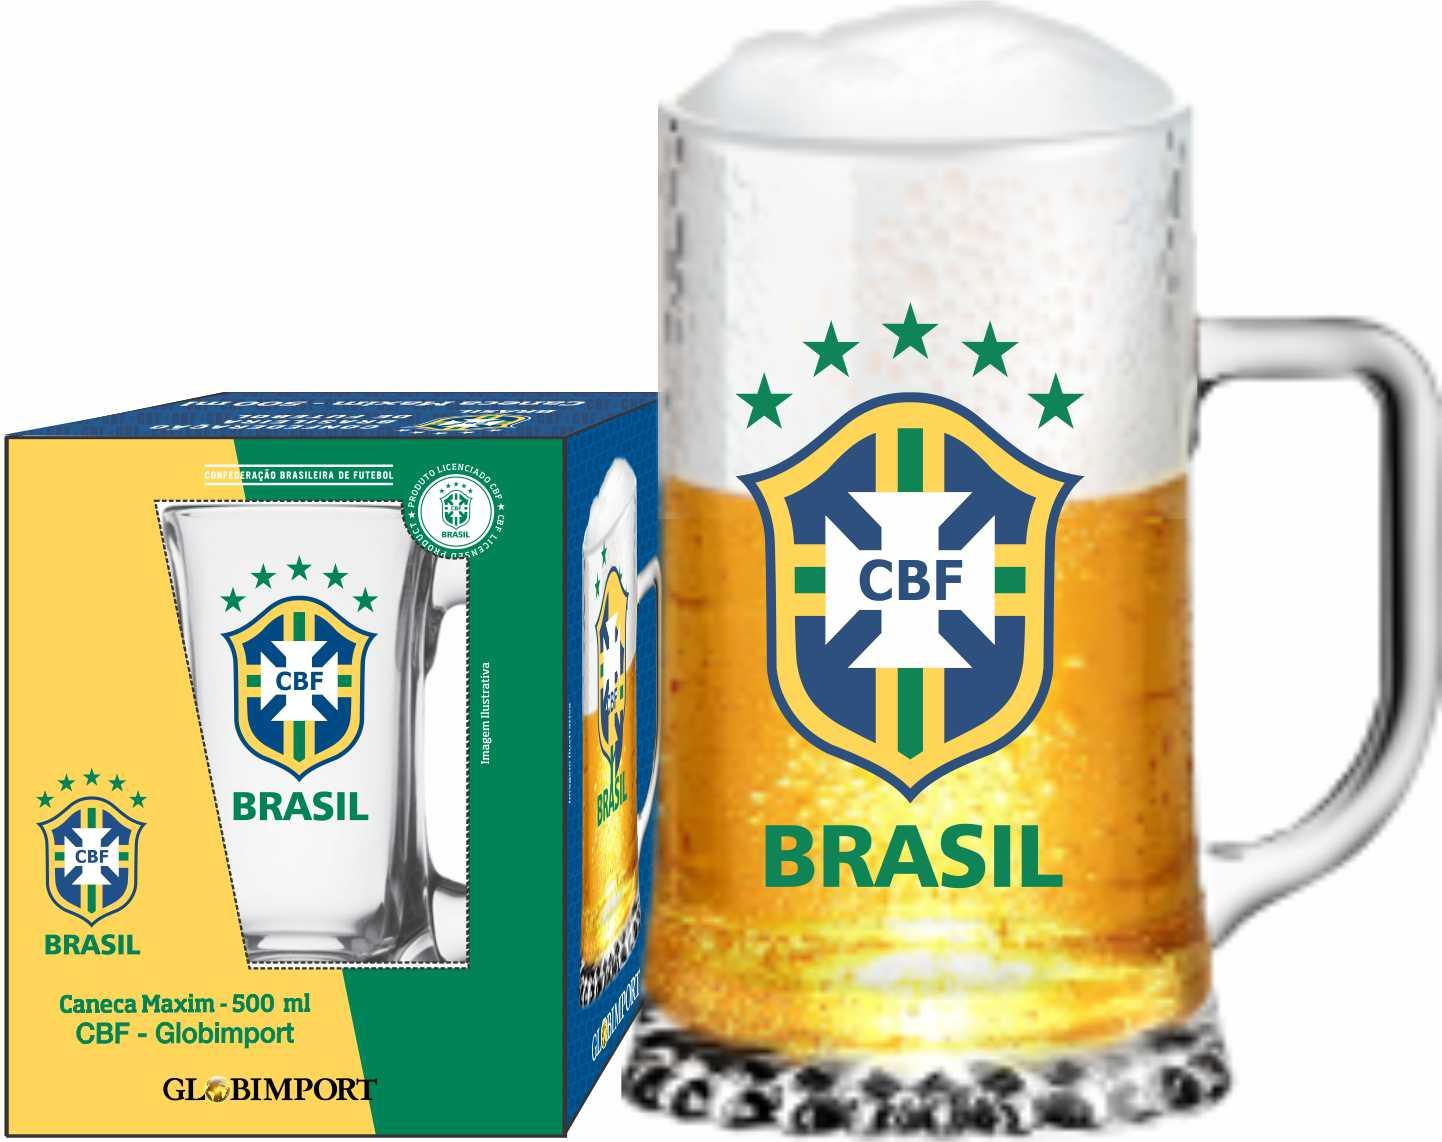 Caneca Maxim CBF Brasão - 500 ml